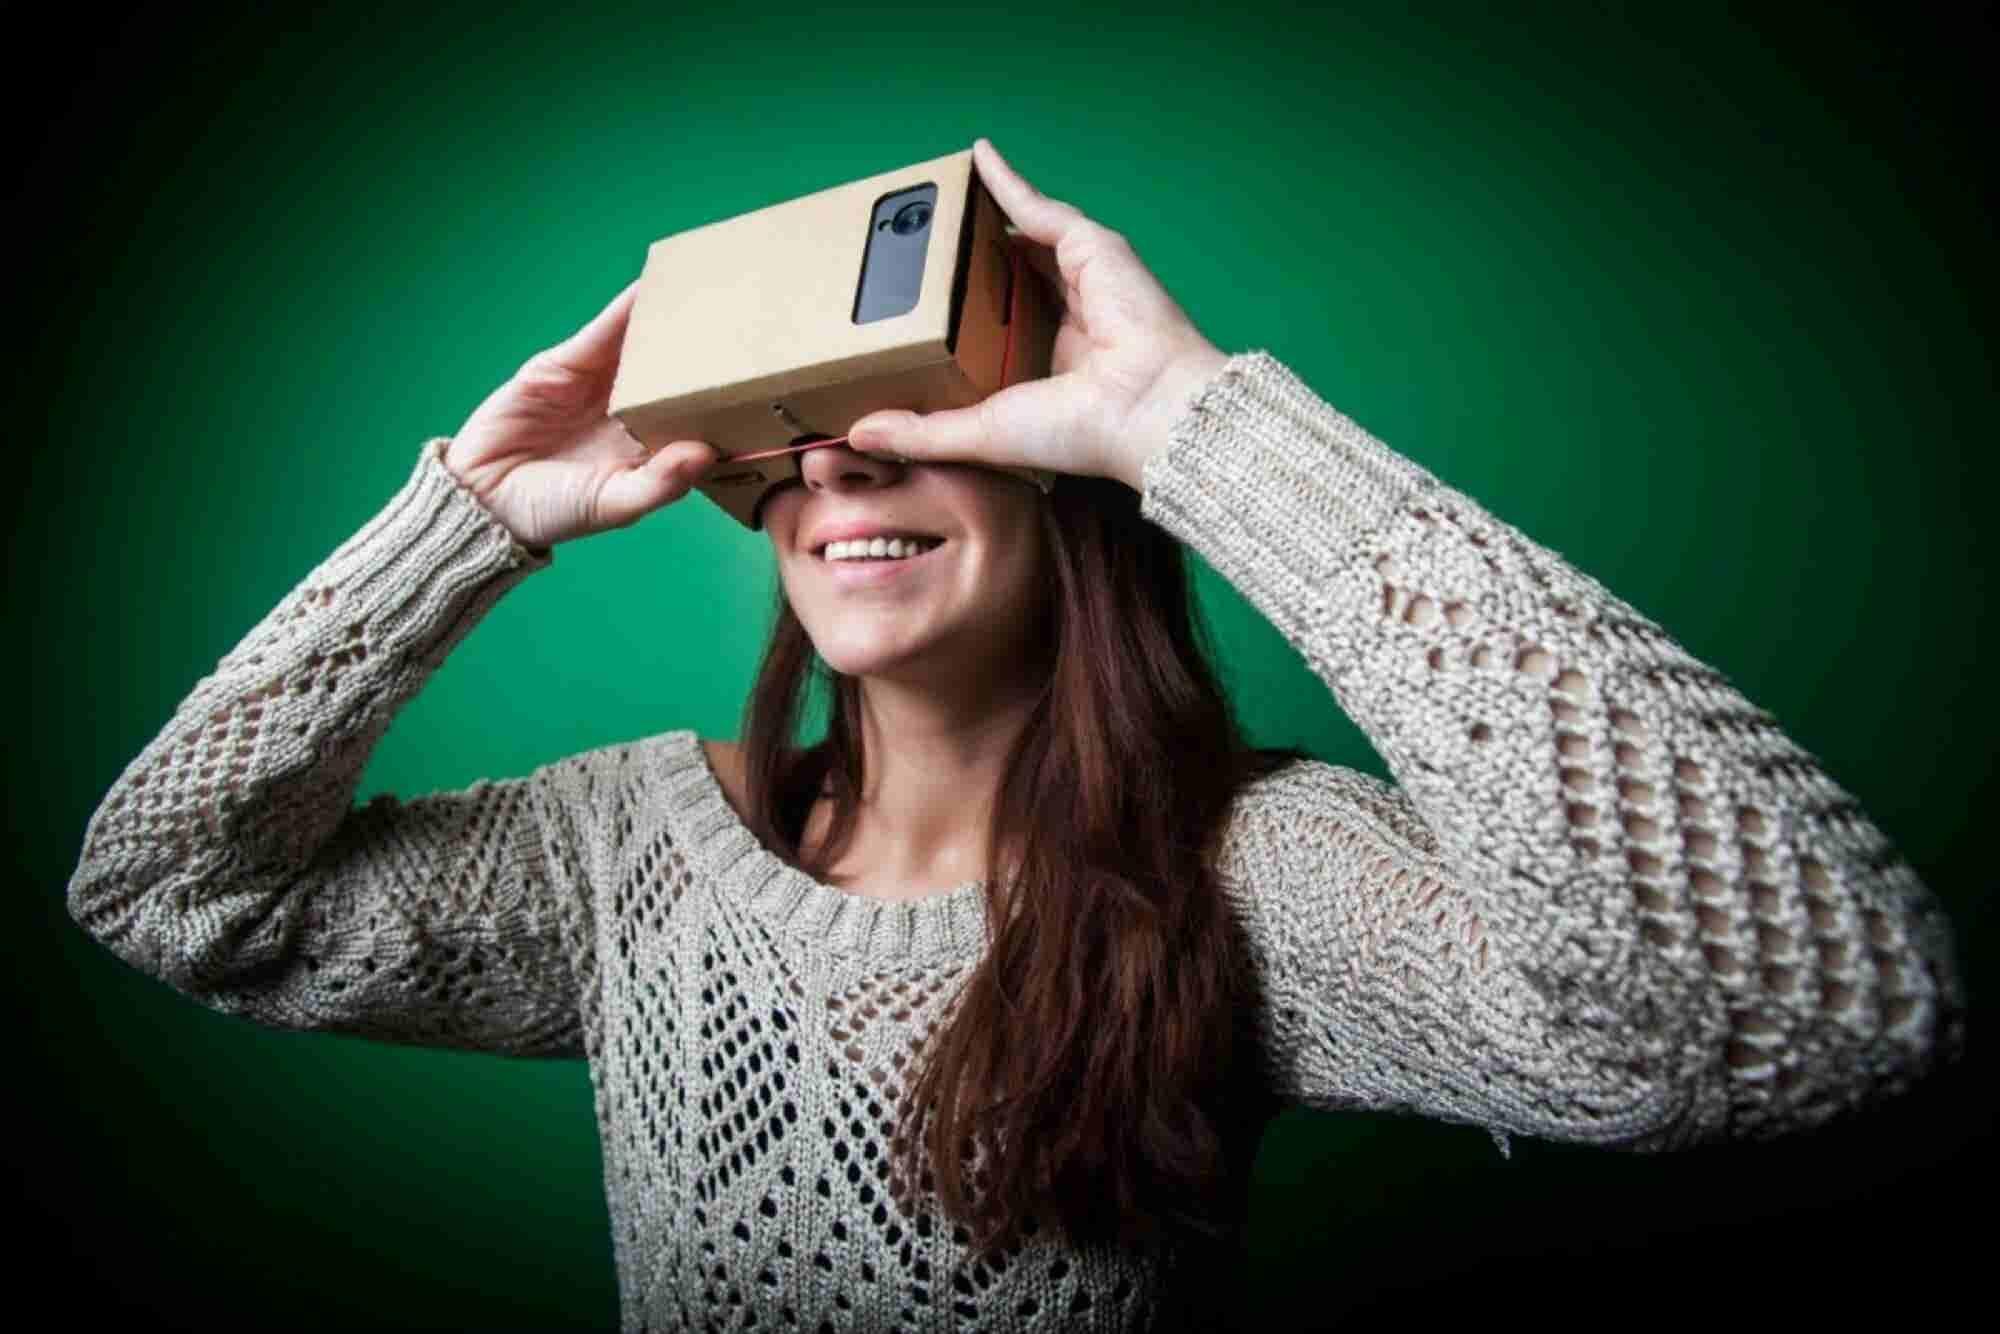 ¡Emprendedor! La realidad virtual no sólo es entretenimiento